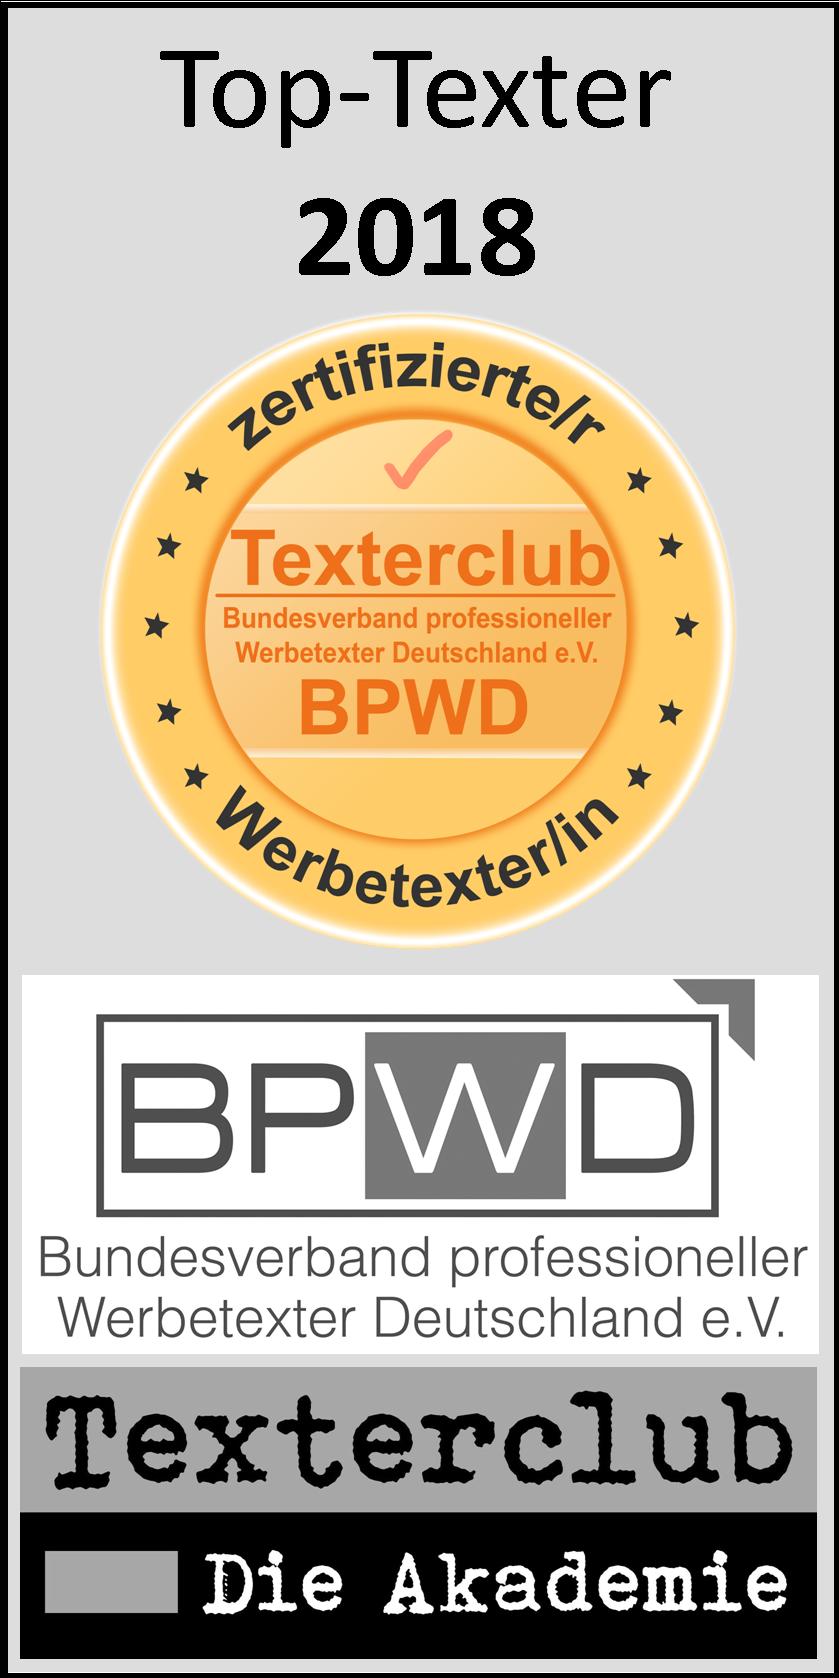 Texterclub-Siegel, top-Texter wortezauber